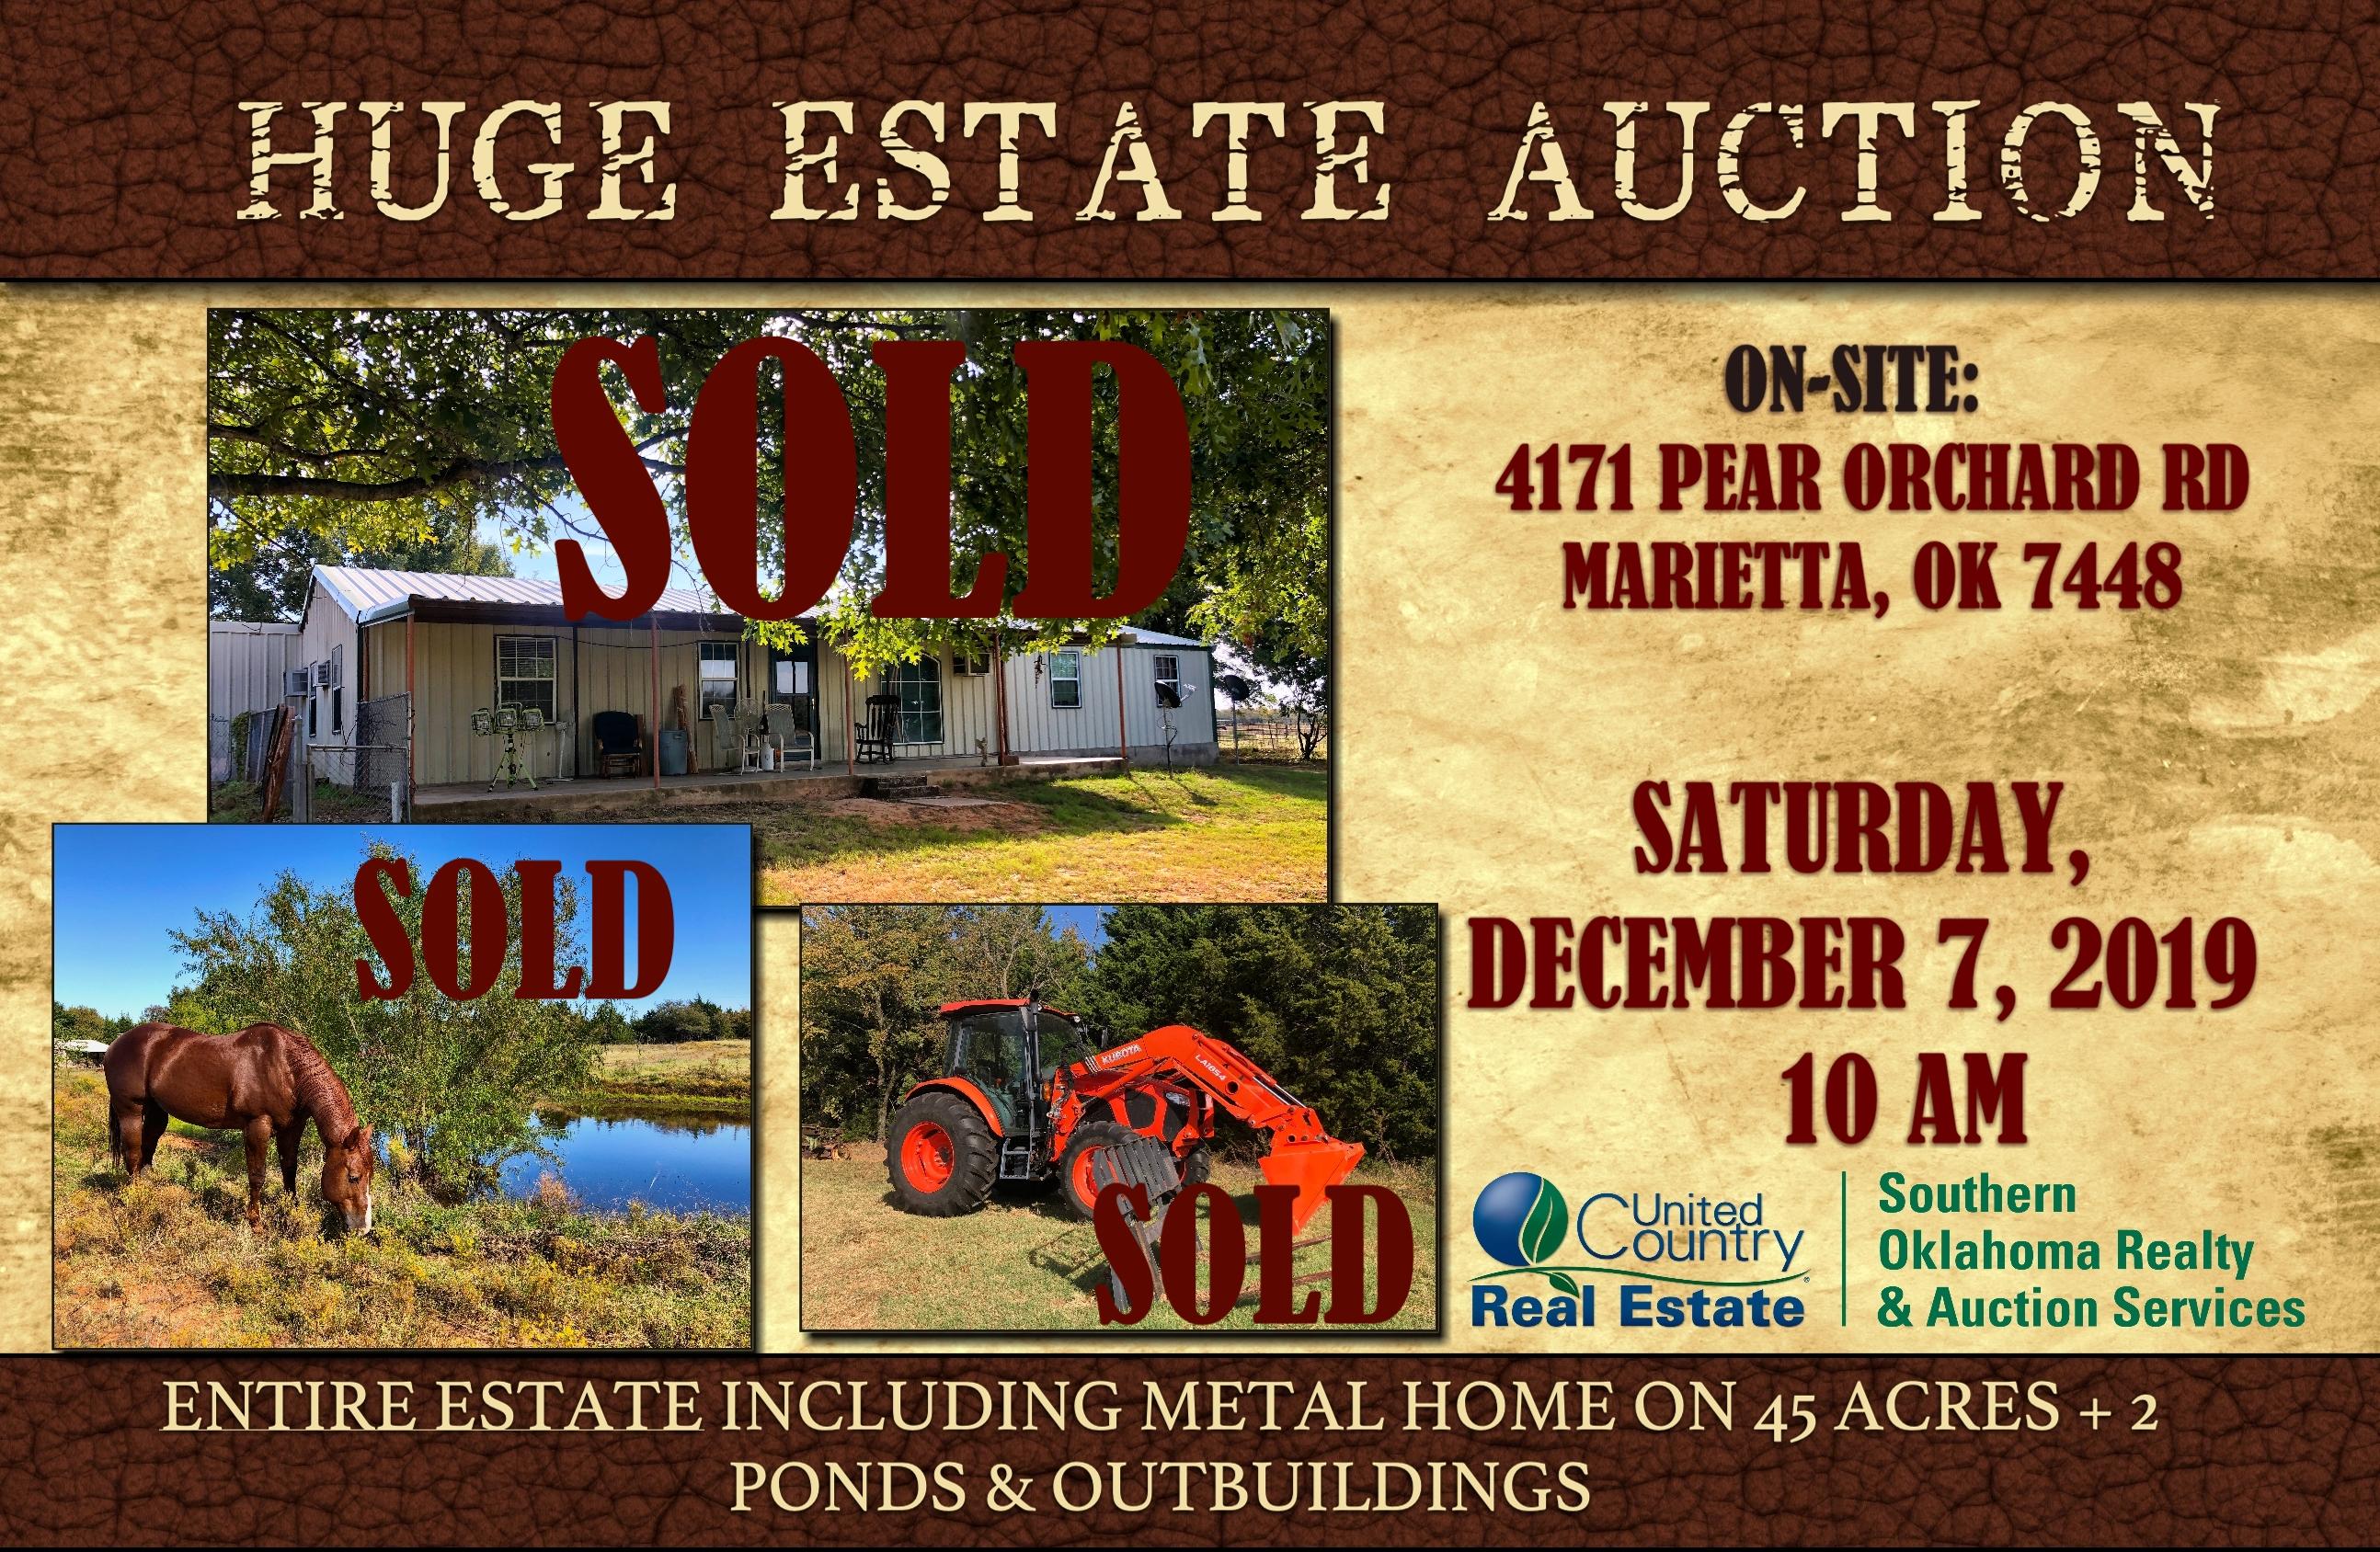 Huge Estate Auction In Marietta Ok December 7 2019